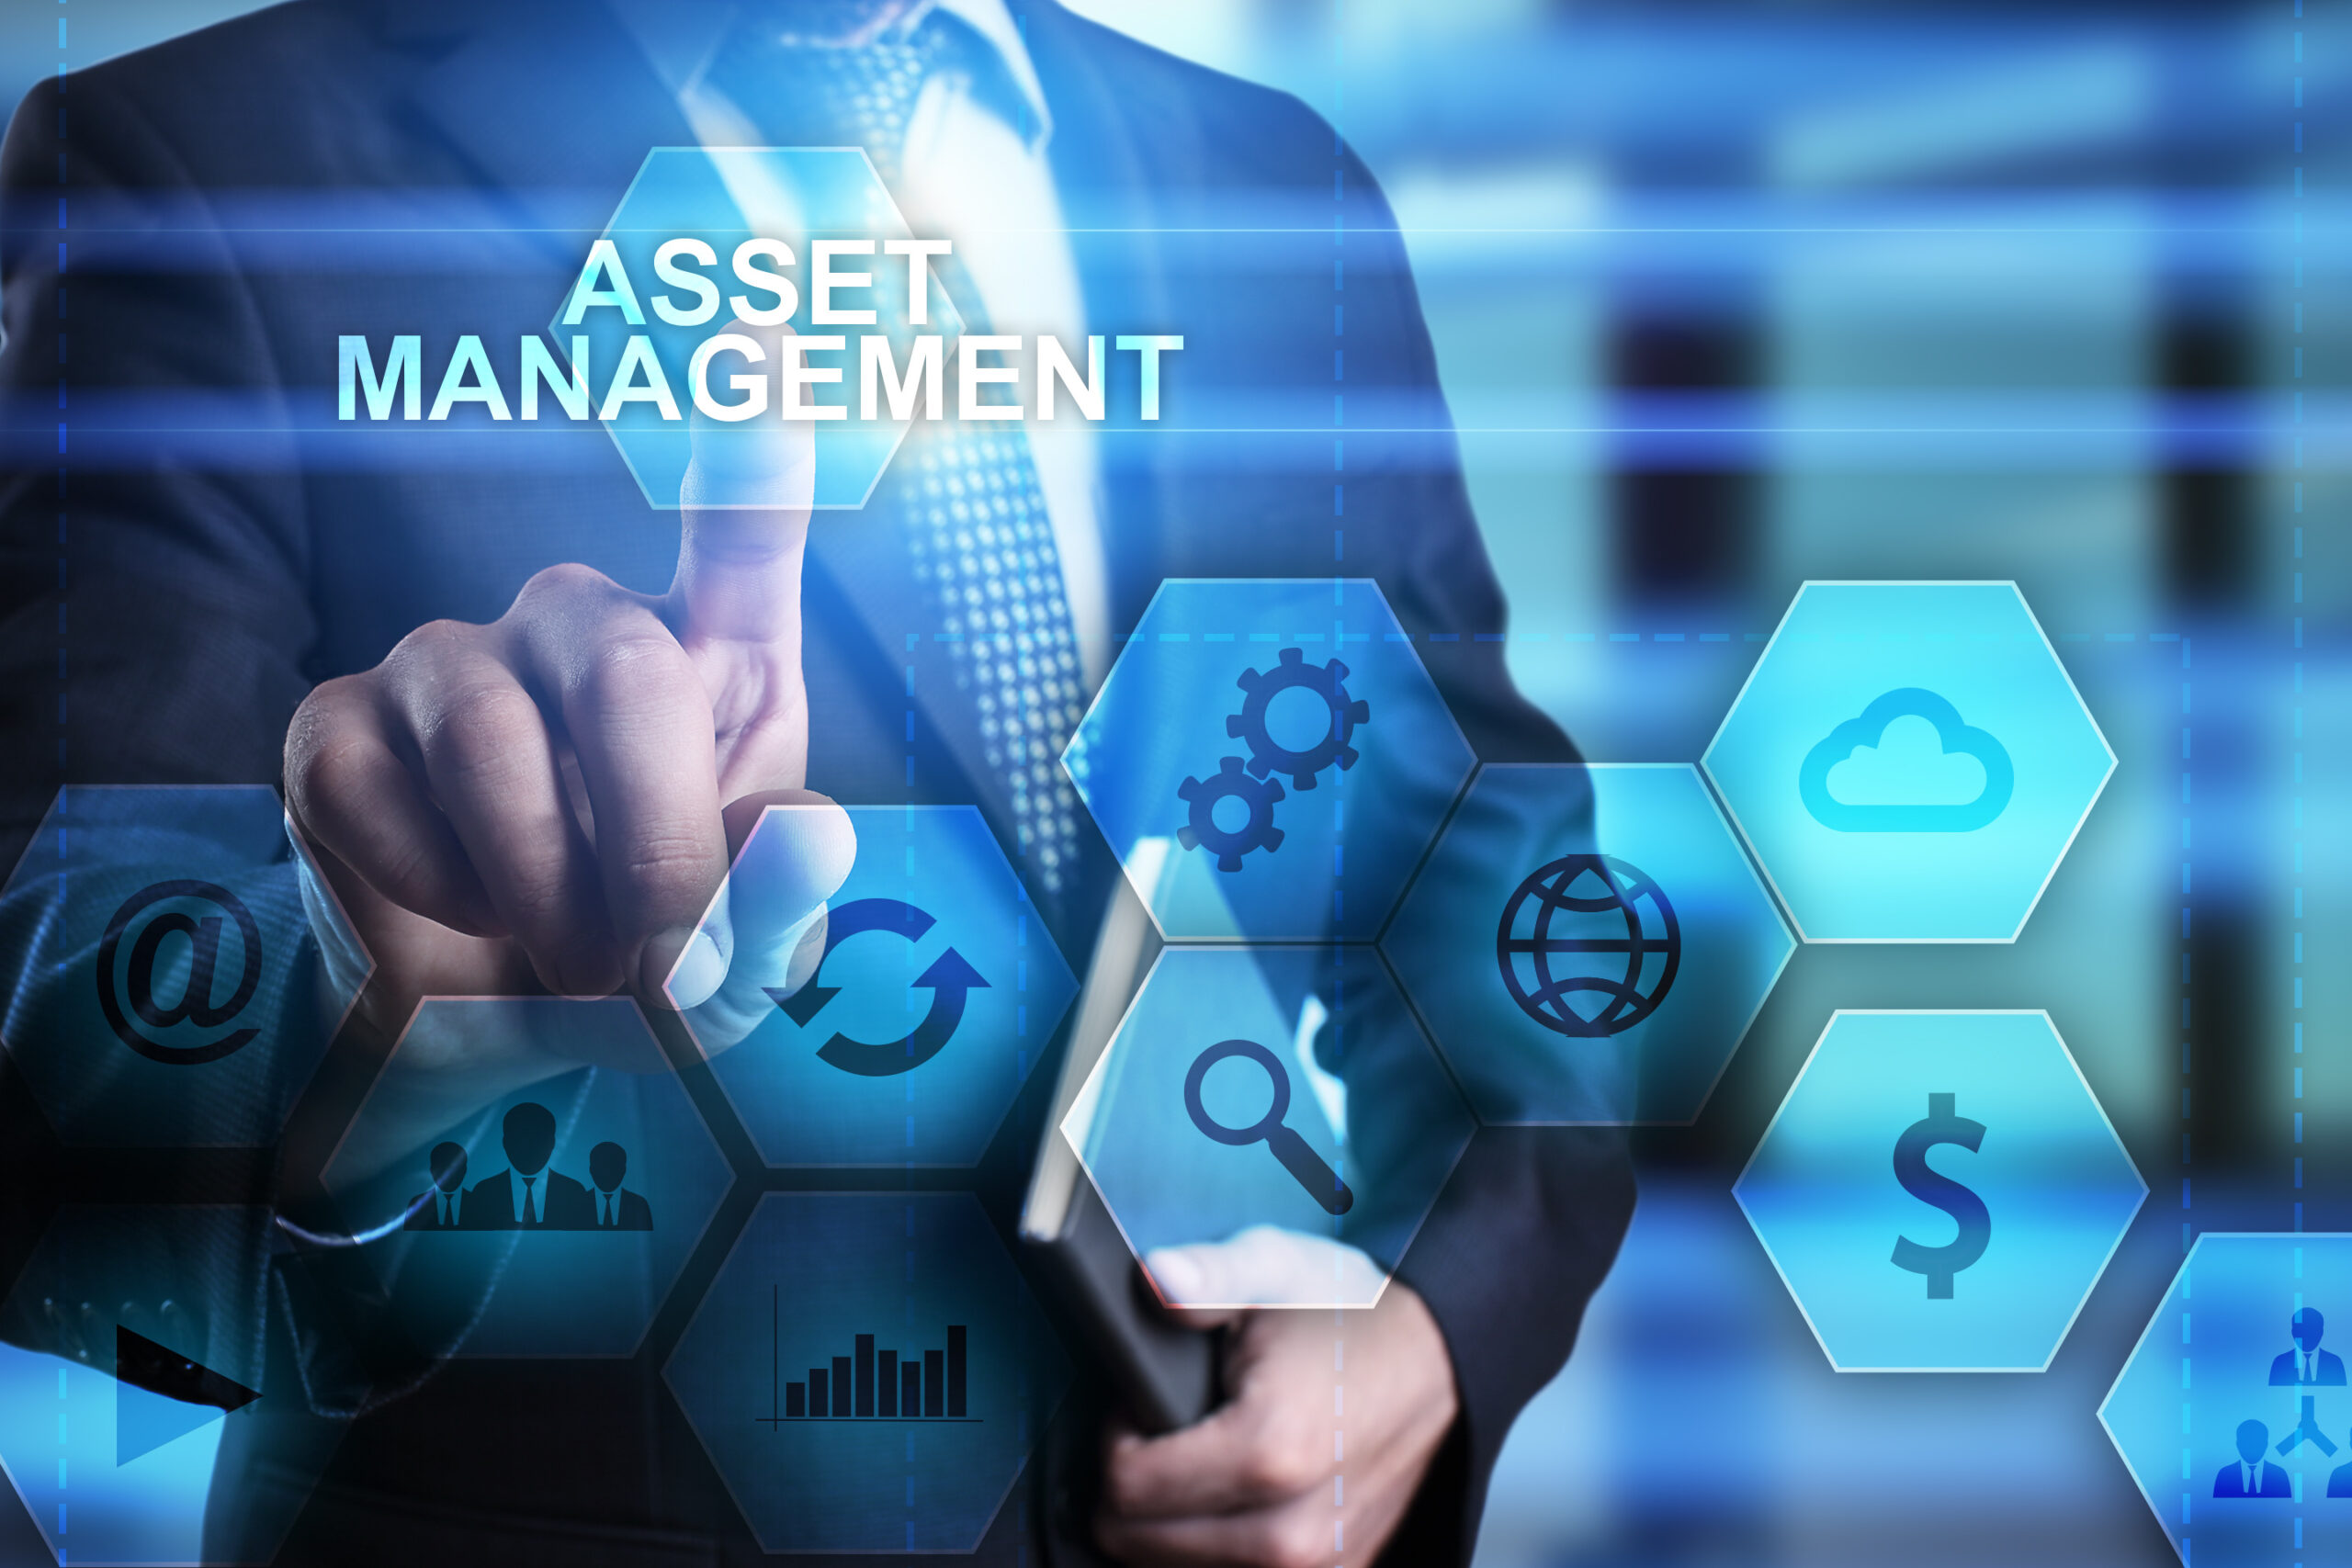 Håndtering af IT Assets kan være udfordrende for enhver organisation